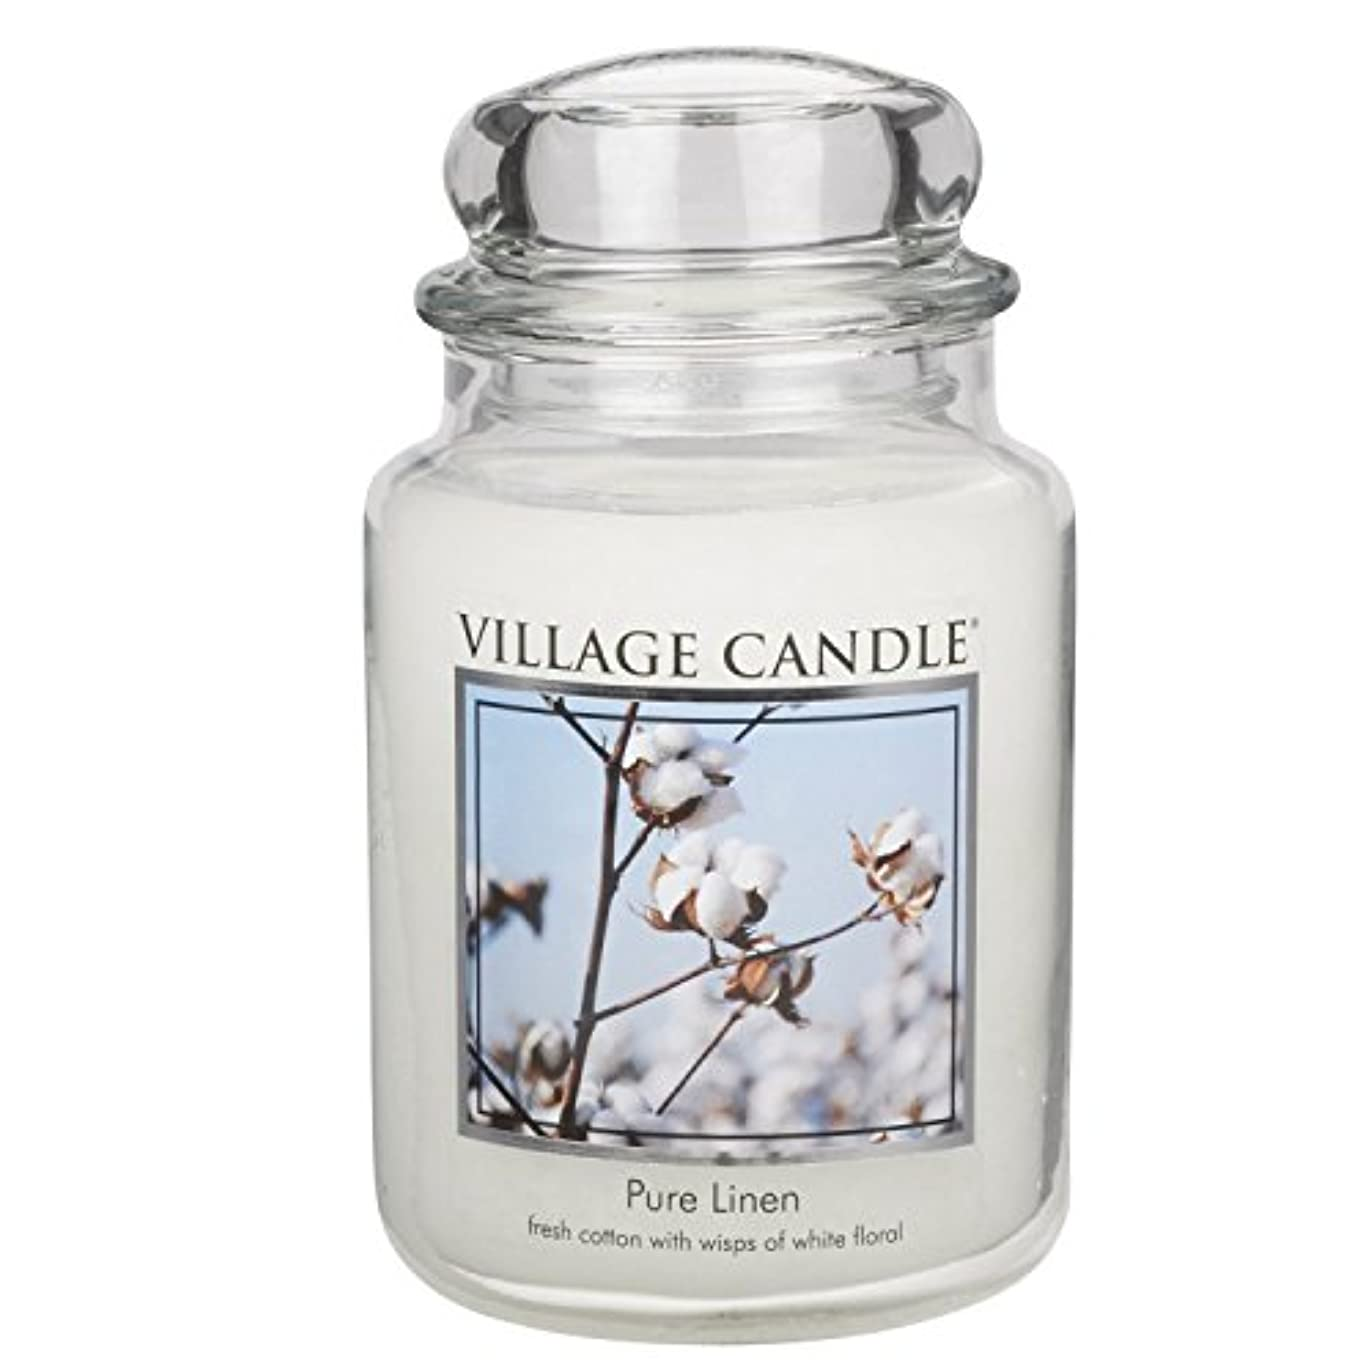 異常株式会社学校の先生Village Candle Large Fragranced Candle Jar - 17cm x 10cm - 26oz (1219g)- Pure Linen - upto 170 hours burn time...